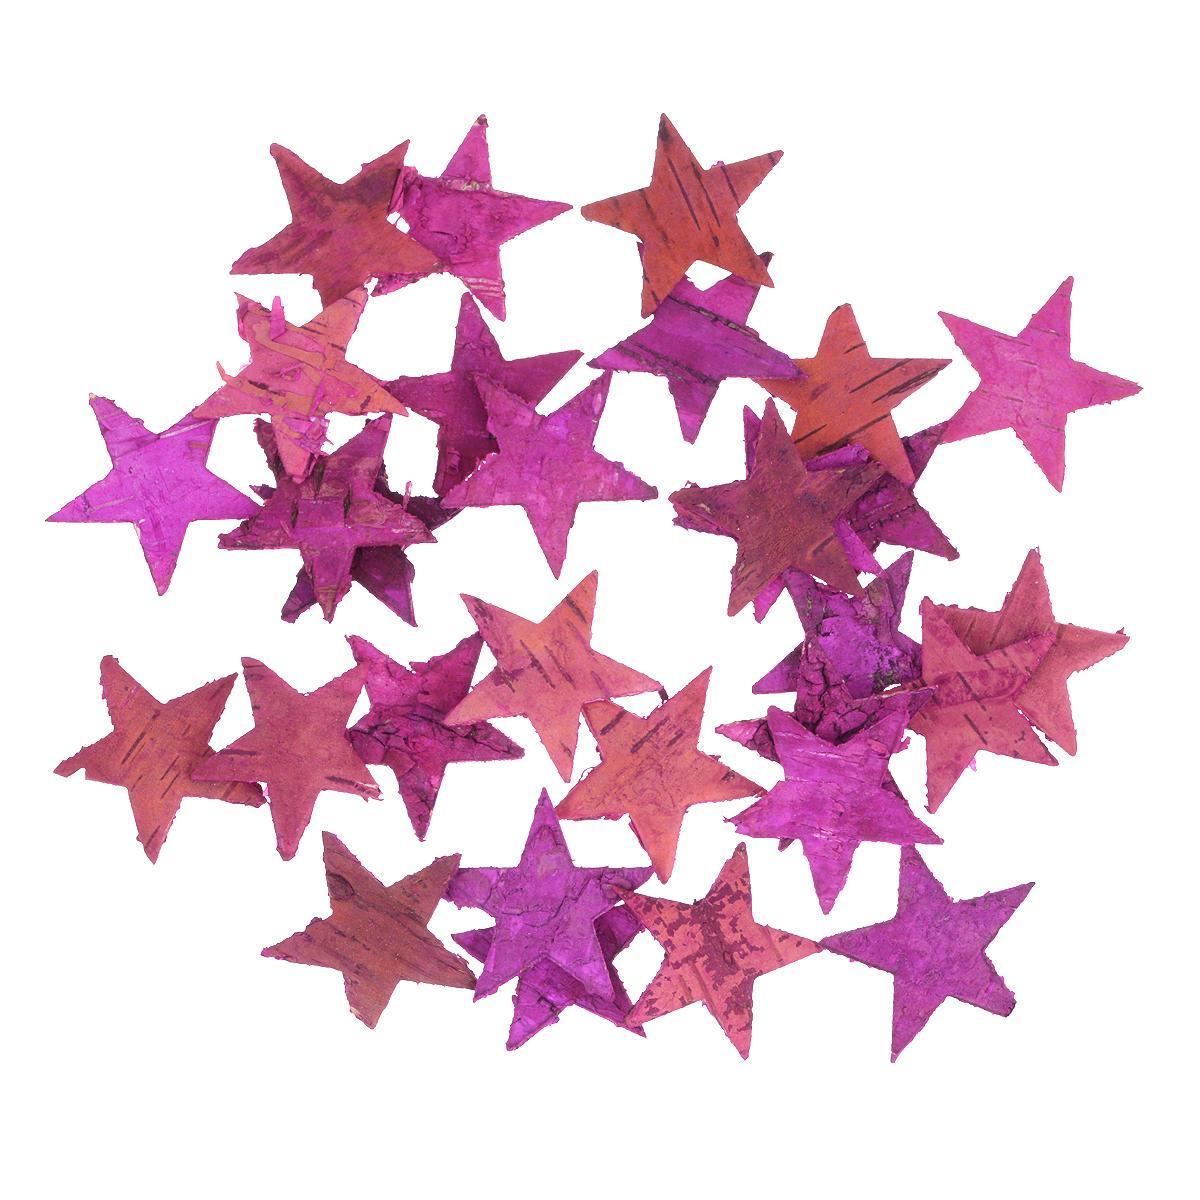 Декоративный элемент Dongjiang Art Звезда, цвет: розовый, 30 штK100Декоративный элемент Dongjiang Art Звезда, изготовленный из натуральной коры дерева, предназначен для украшения цветочных композиций. Изделие можно также использовать в технике скрапбукинг и многом другом. Флористика - вид декоративно-прикладного искусства, который использует живые, засушенные или консервированные природные материалы для создания флористических работ. Это целый мир, в котором есть место и строгому математическому расчету, и вдохновению.